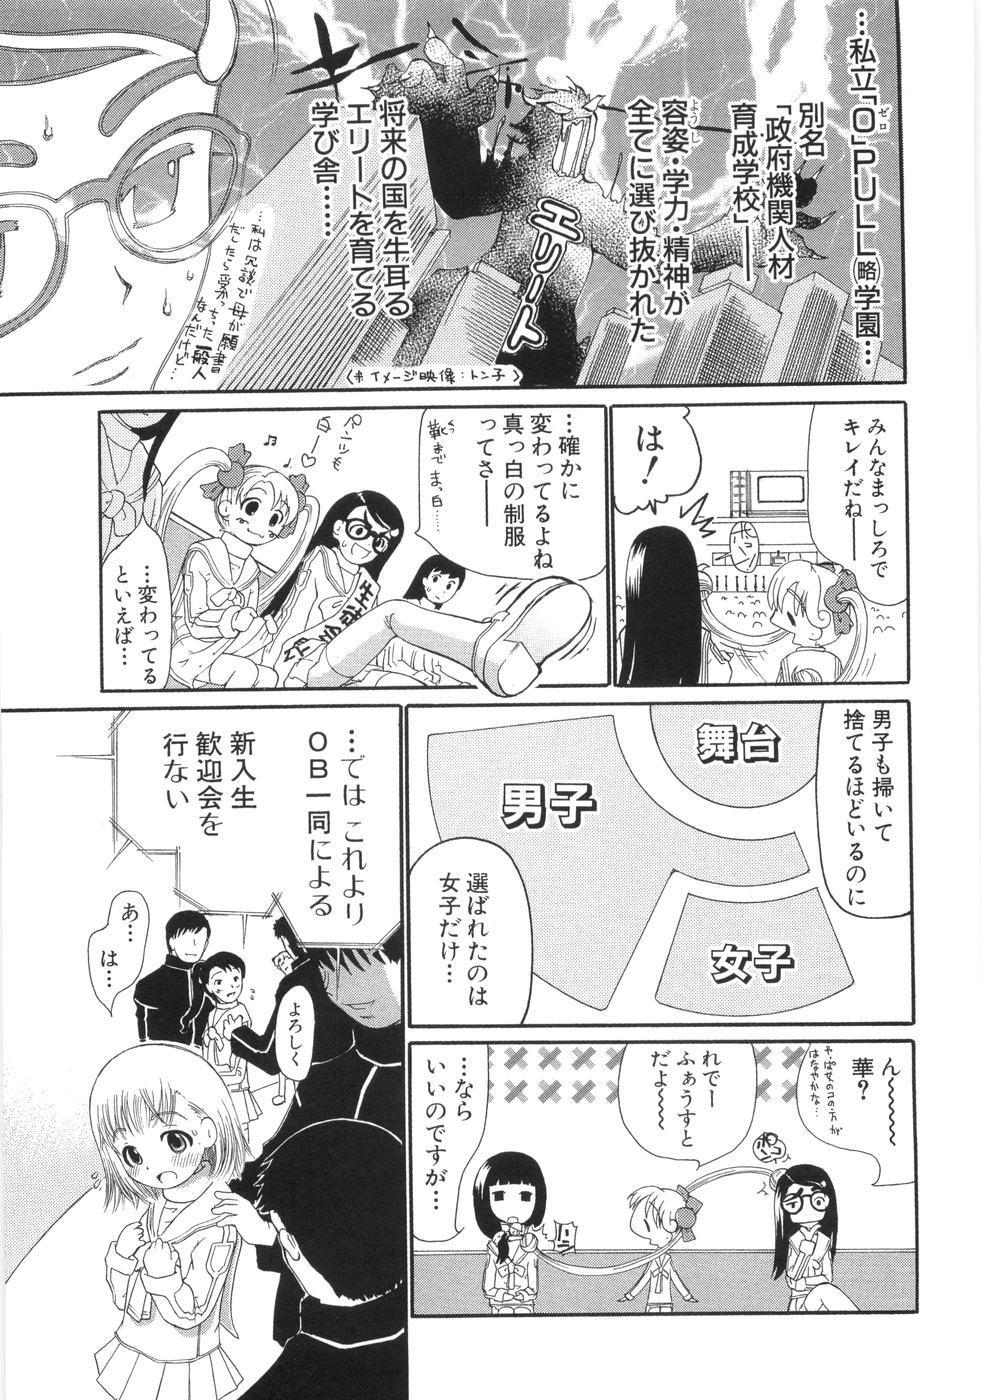 0 PULL TOWN Gakuen e Youkoso! 19